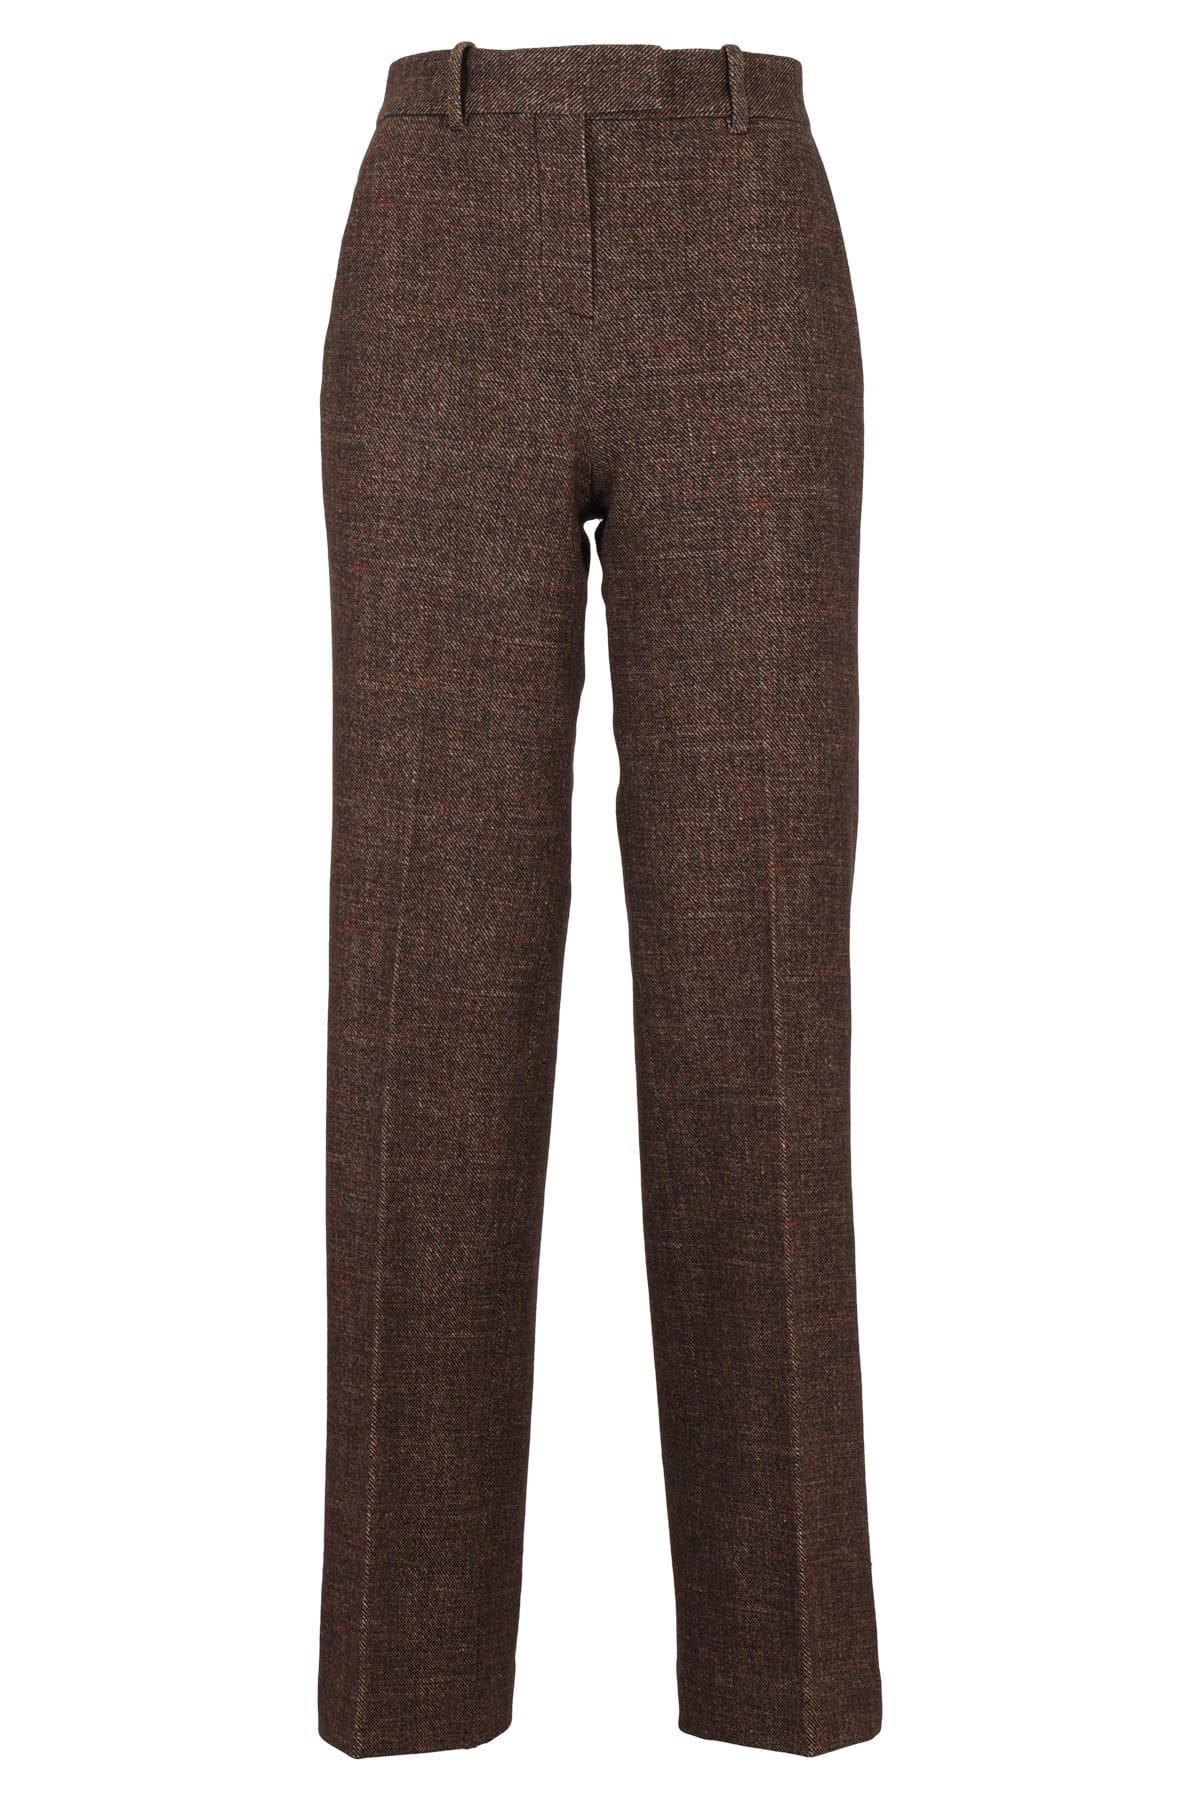 1901 Pants